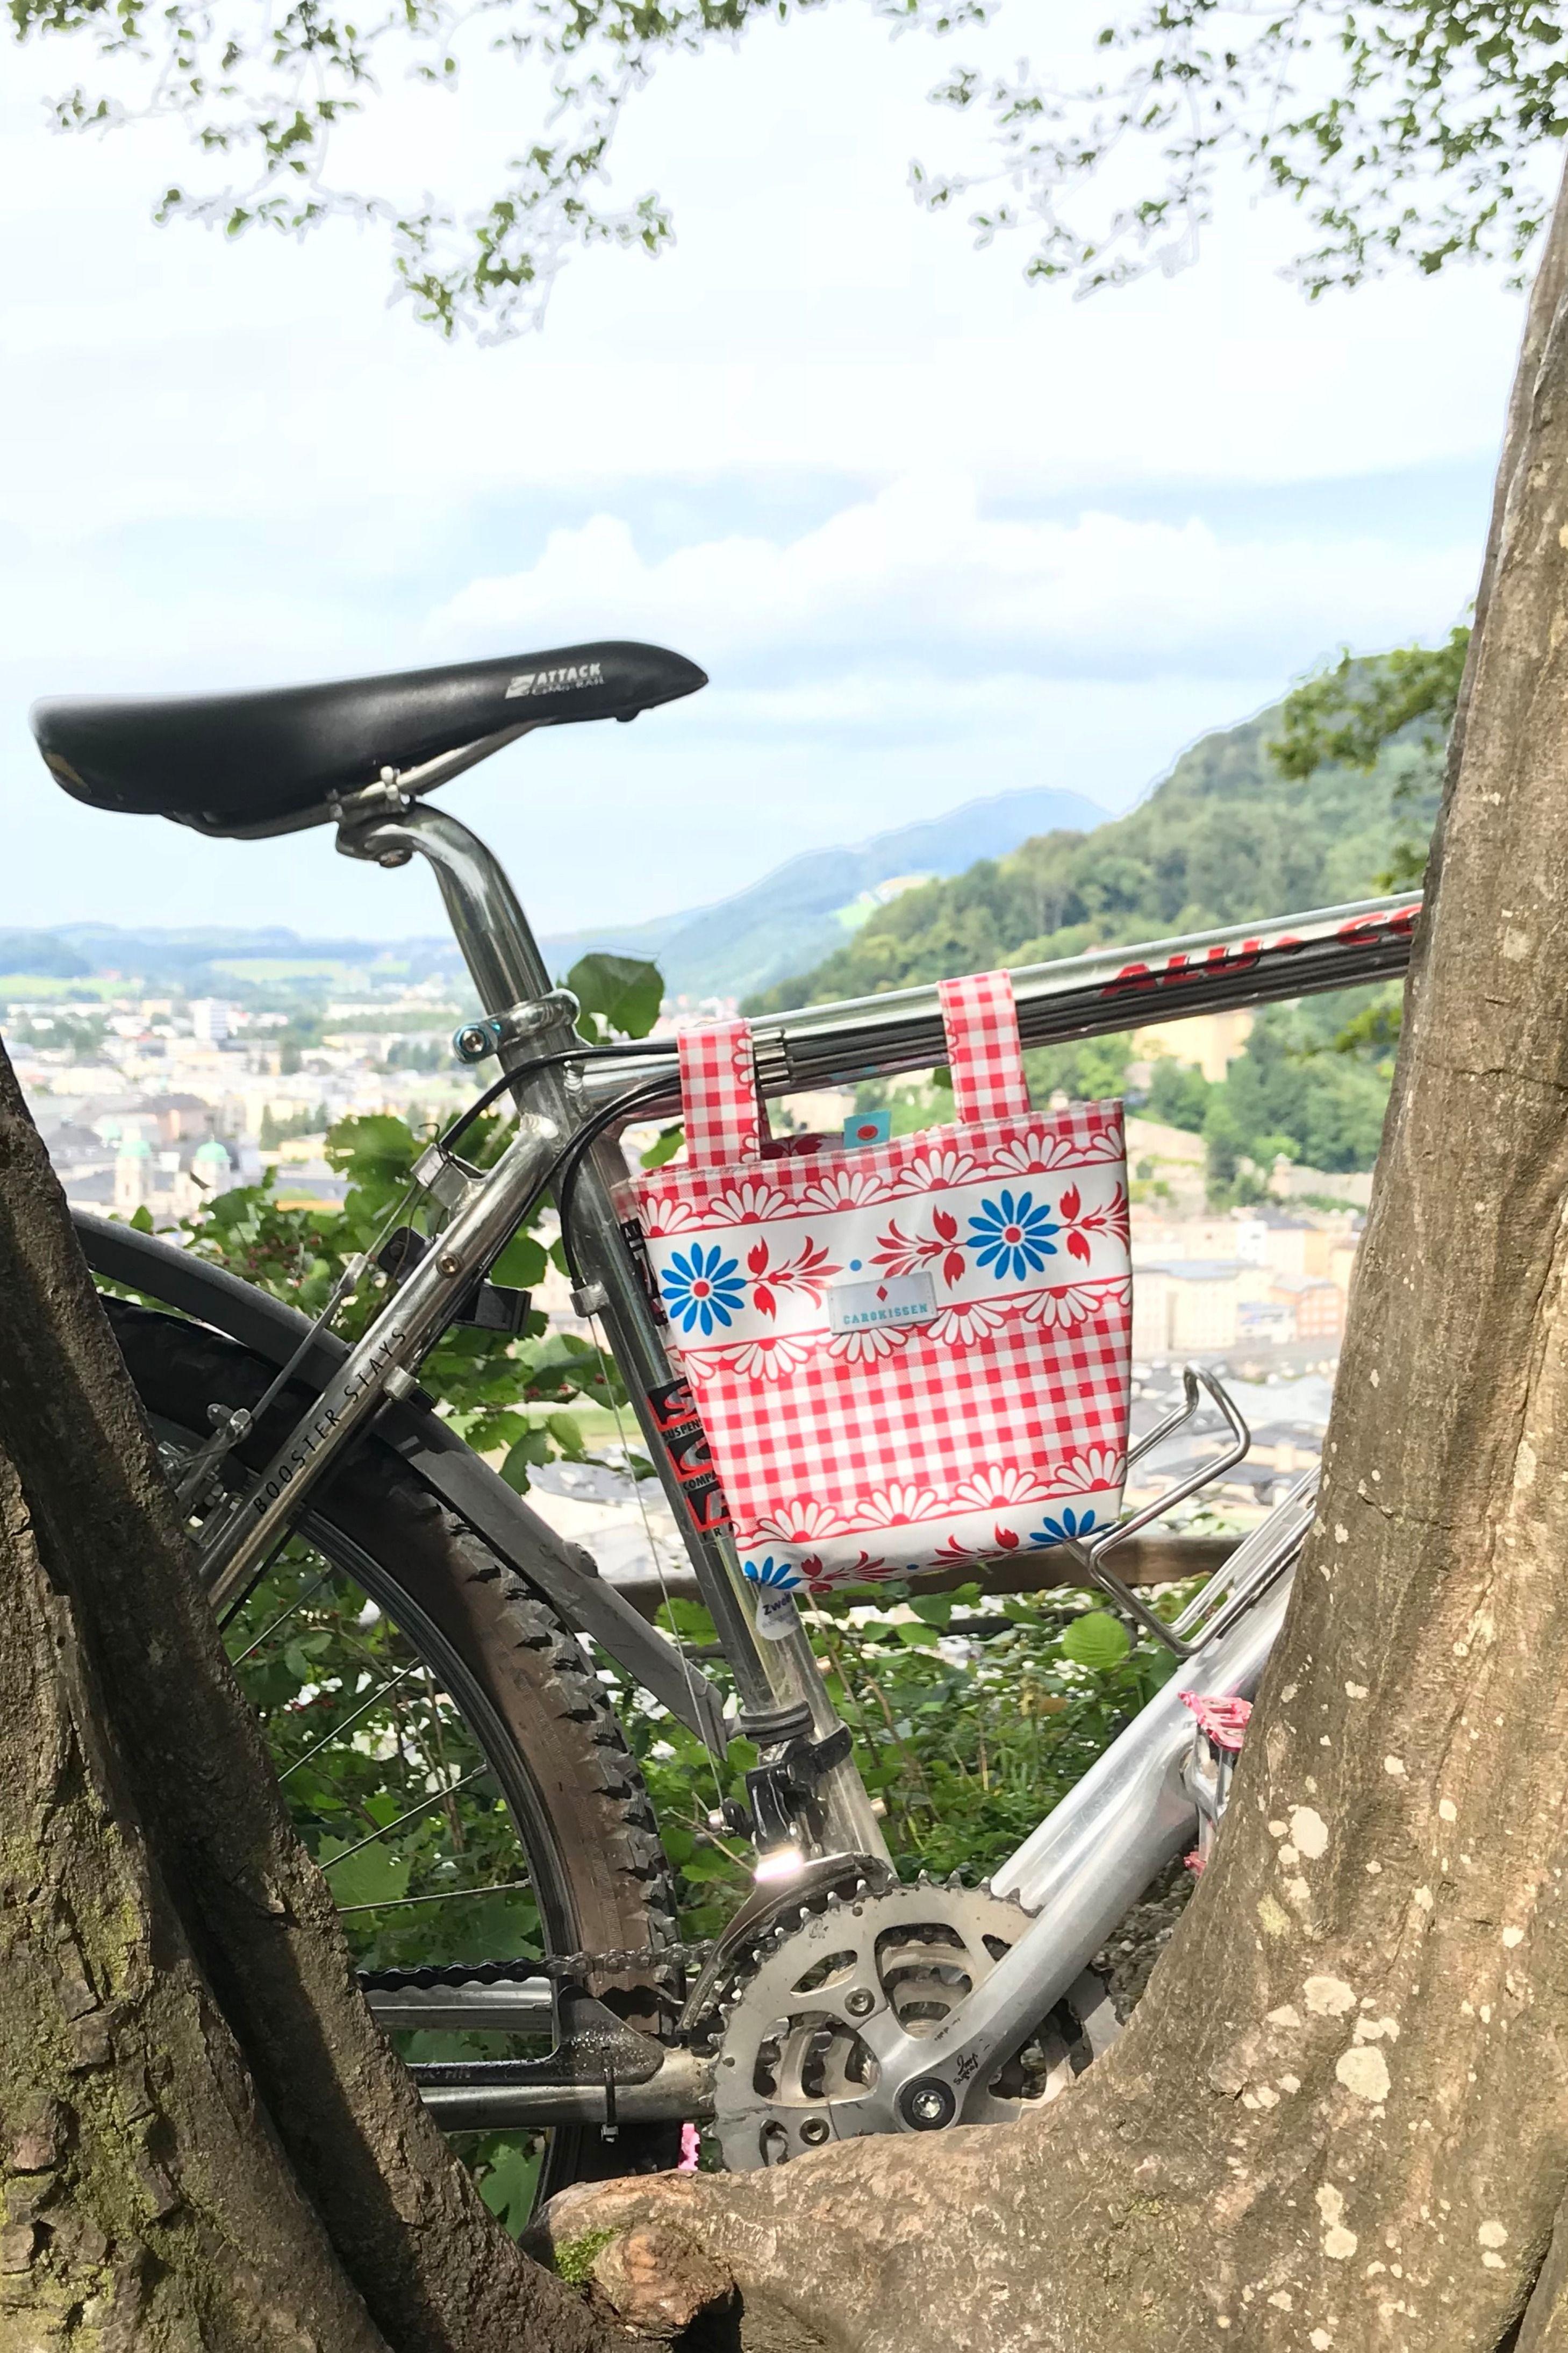 Abwaschbare Fahrradtasche Aus Wachstuch Furs Mountainbike Und Alle Anderen Fahrrader Gross Genug Fur Die 7 Sachen Schnell Befestigt Dan Fahrradtasche Fahrrad